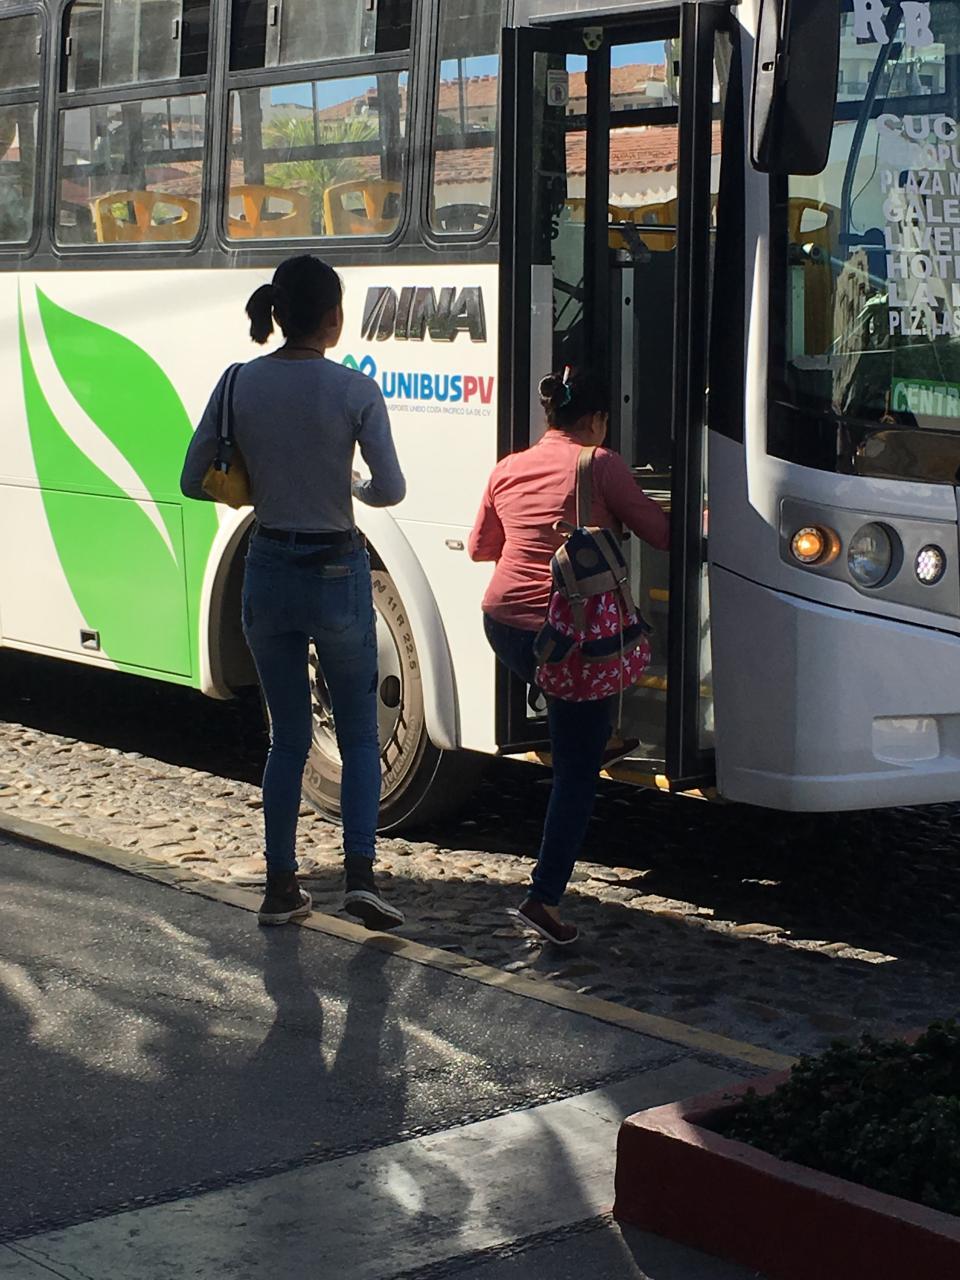 Conductores de los camioneso respetan a los pasajeros o se van